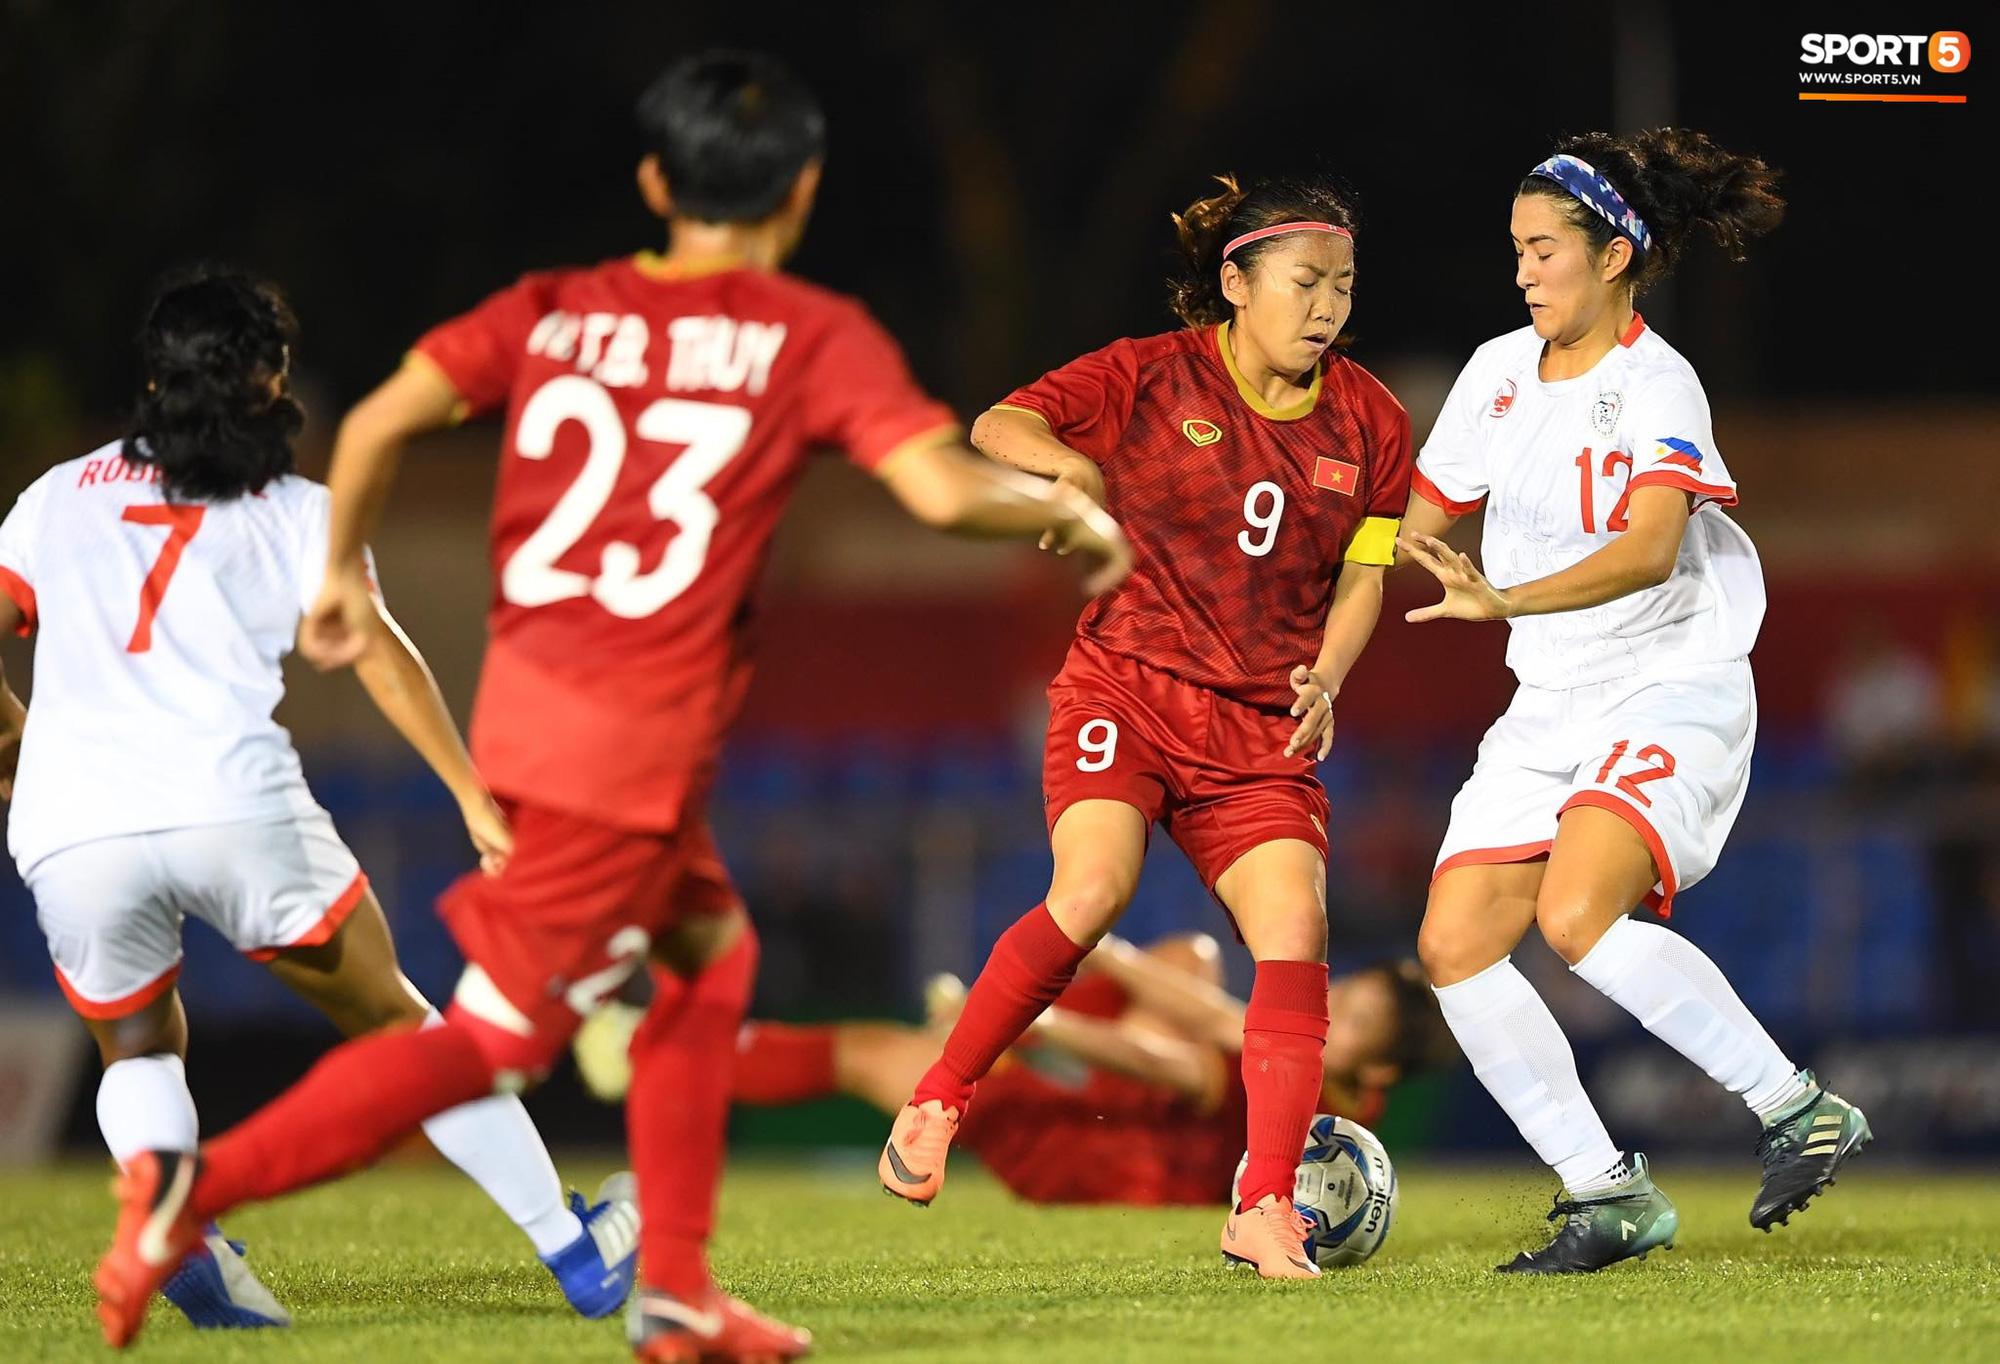 Đội trưởng tuyển nữ Việt Nam đổ gục xuống sân vì kiệt sức sau khi cùng đồng đội giành quyền vào chung kết SEA Games 30 - Ảnh 3.